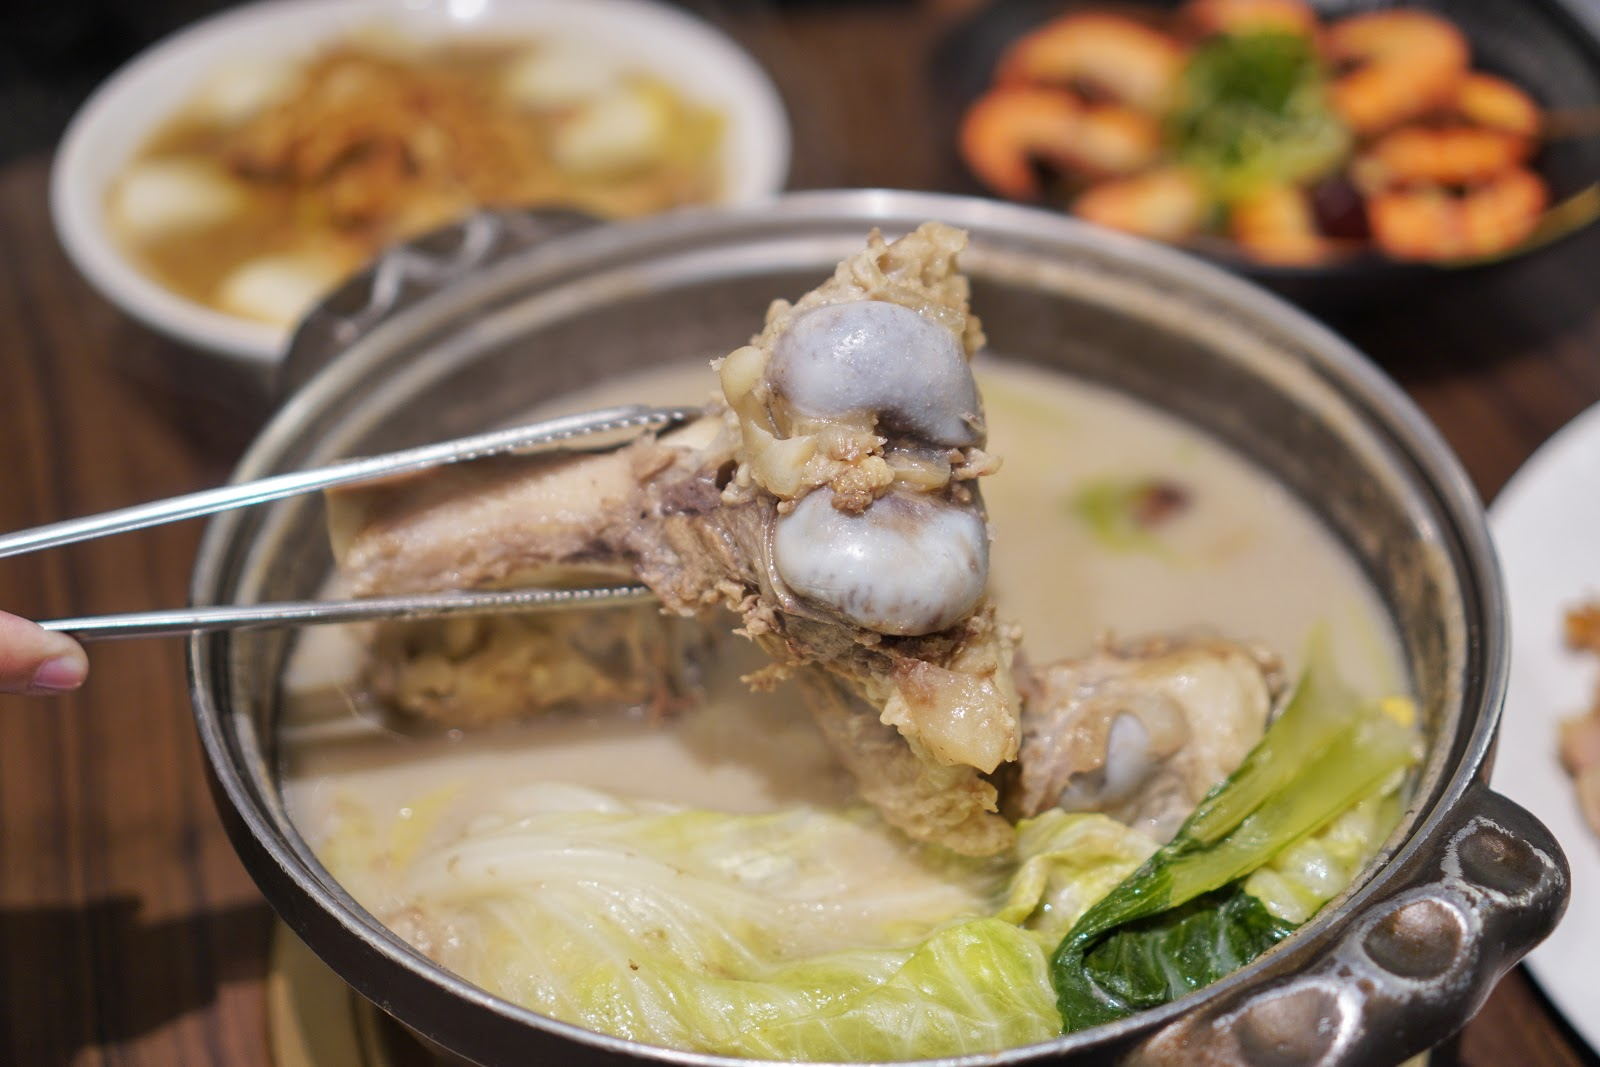 台南東區美食【廚房有雞花雕雞】澳門豬骨煲